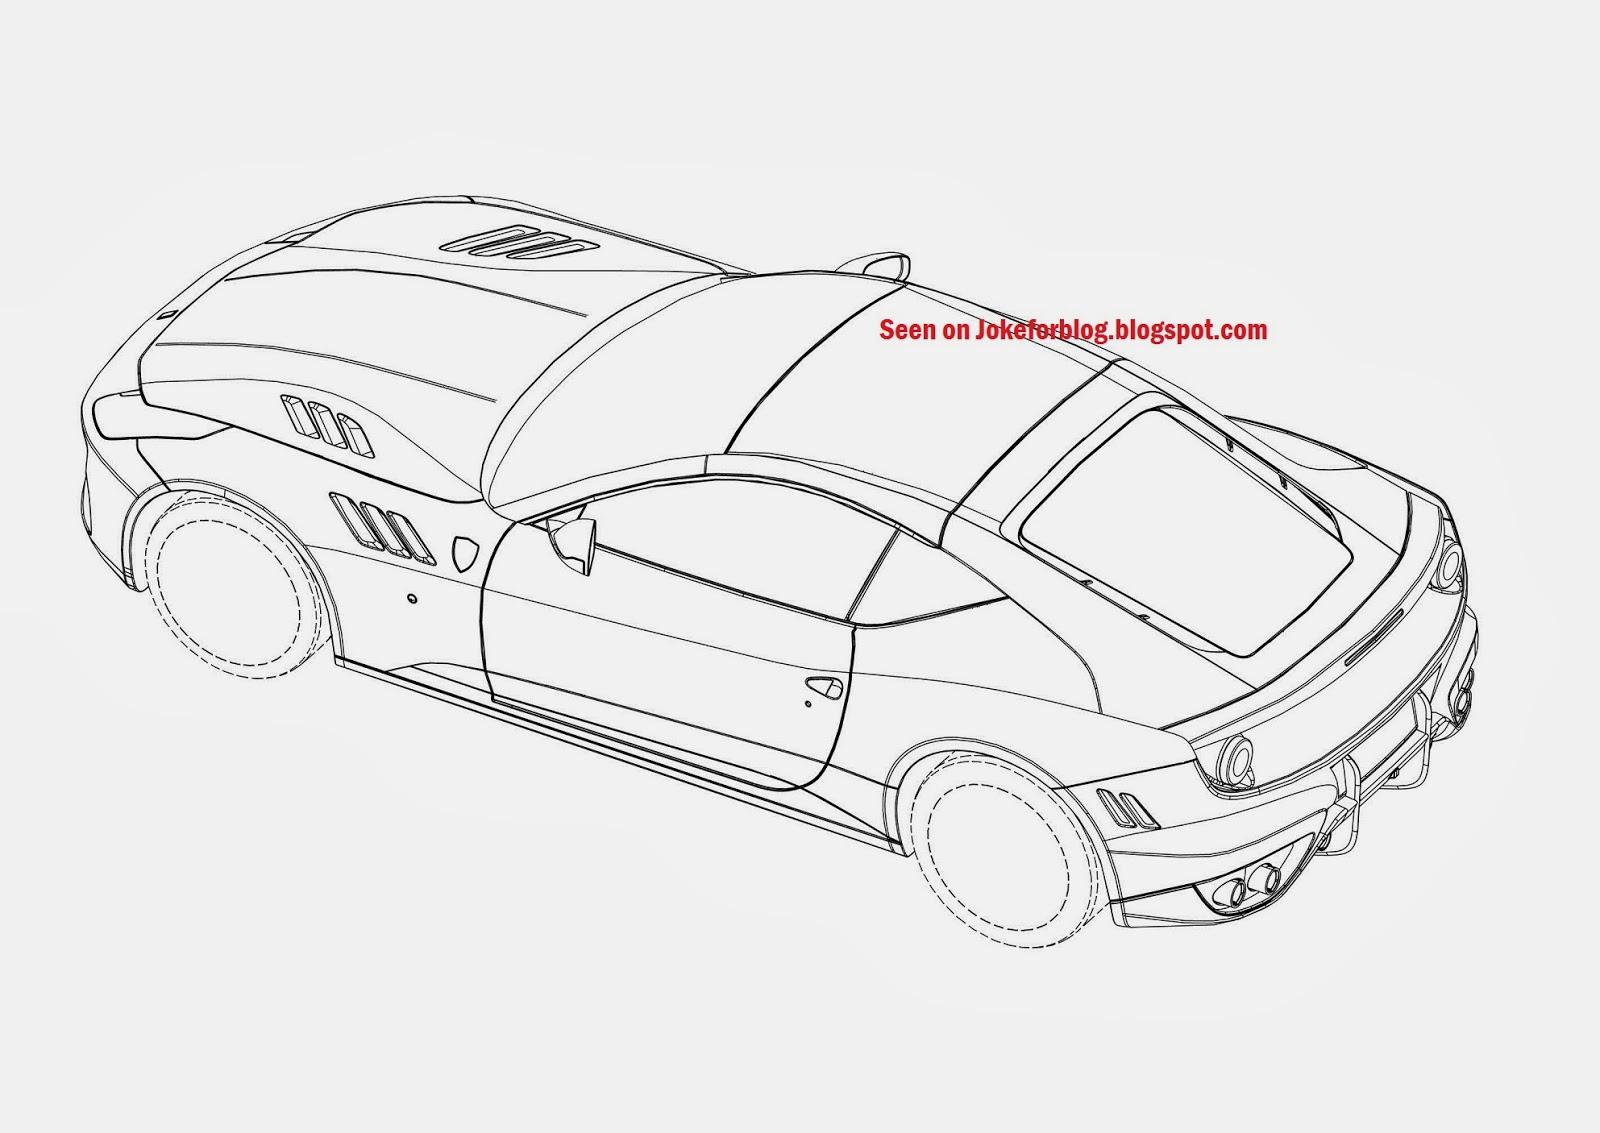 [Ferrari] Modèles uniques / One Off - MàJ : F12 TRS 002320739_0002_2_source